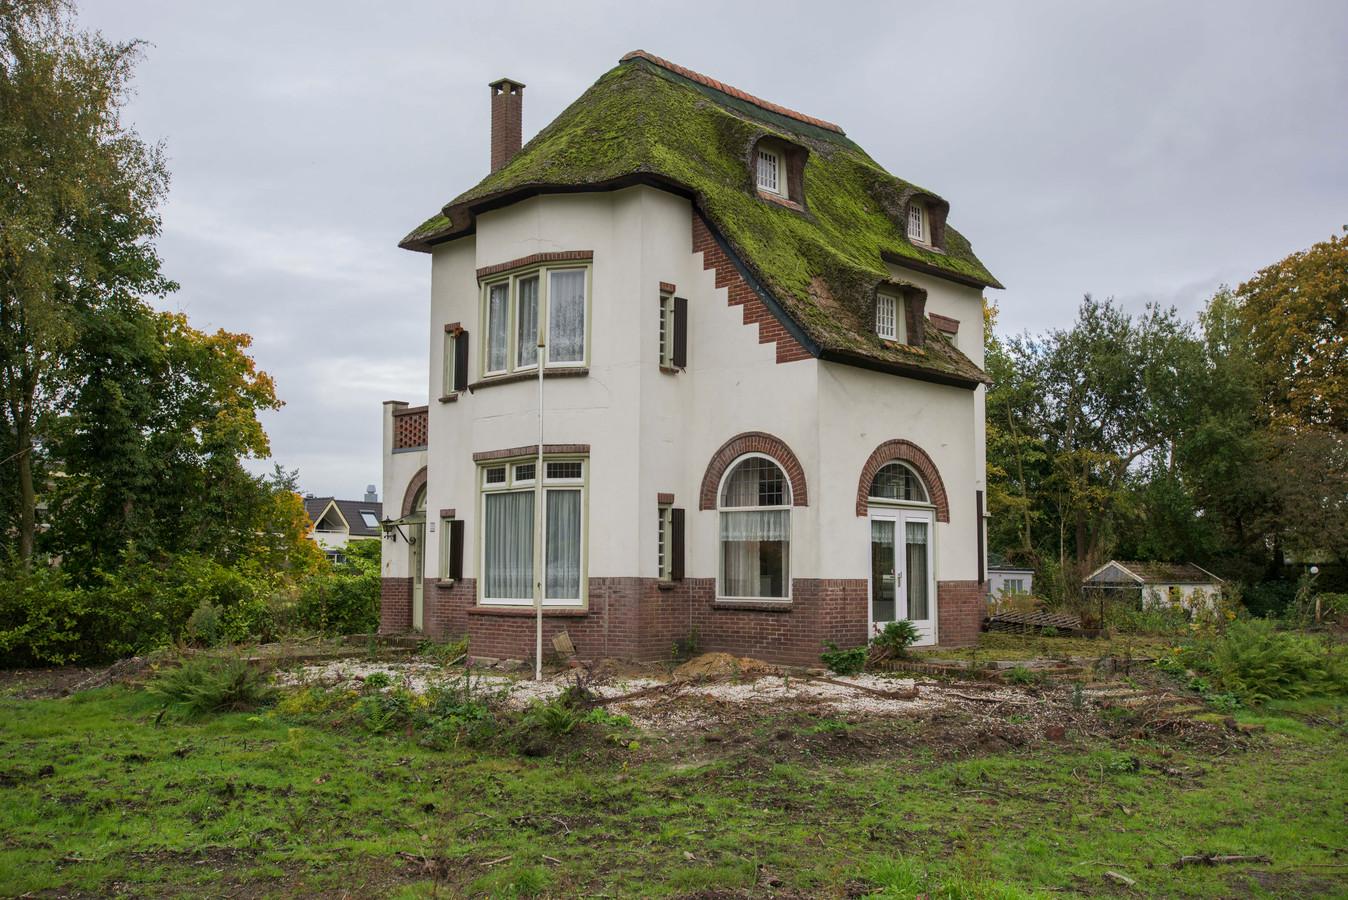 Eigenaar Tom Peters herbouwt momenteel aan de Gemullehoekenweg Villa Scinloo en verkocht daarachter al een extra bouwblok op het gesplitste perceel.